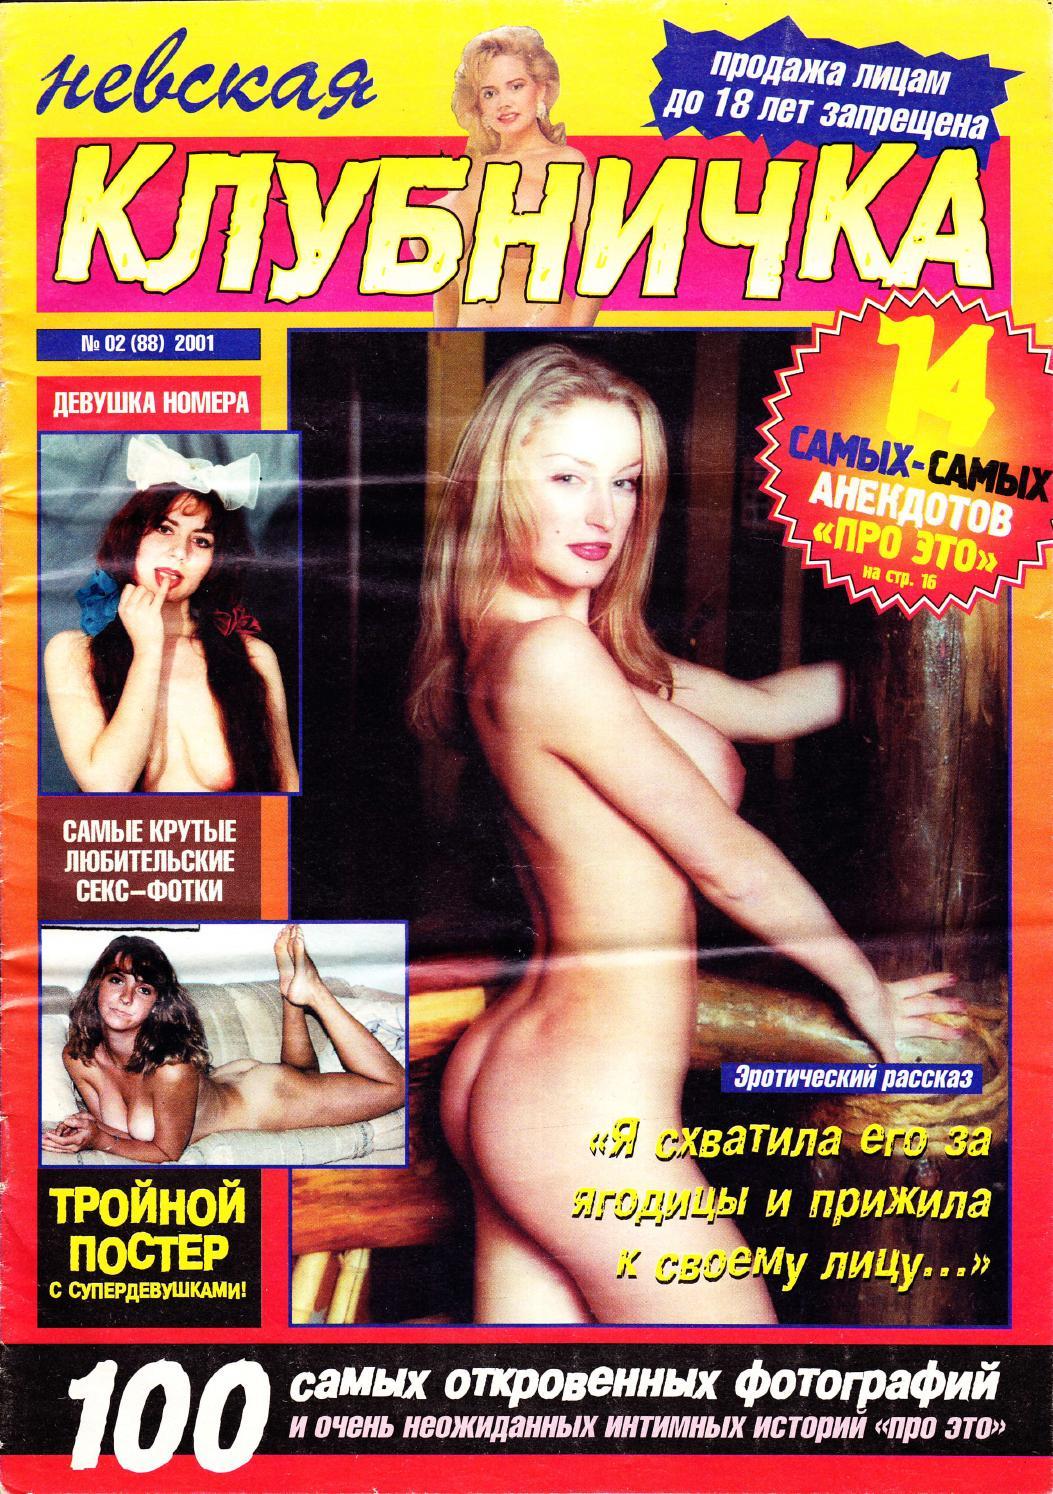 Русская клубничка эротика фото 19 фотография